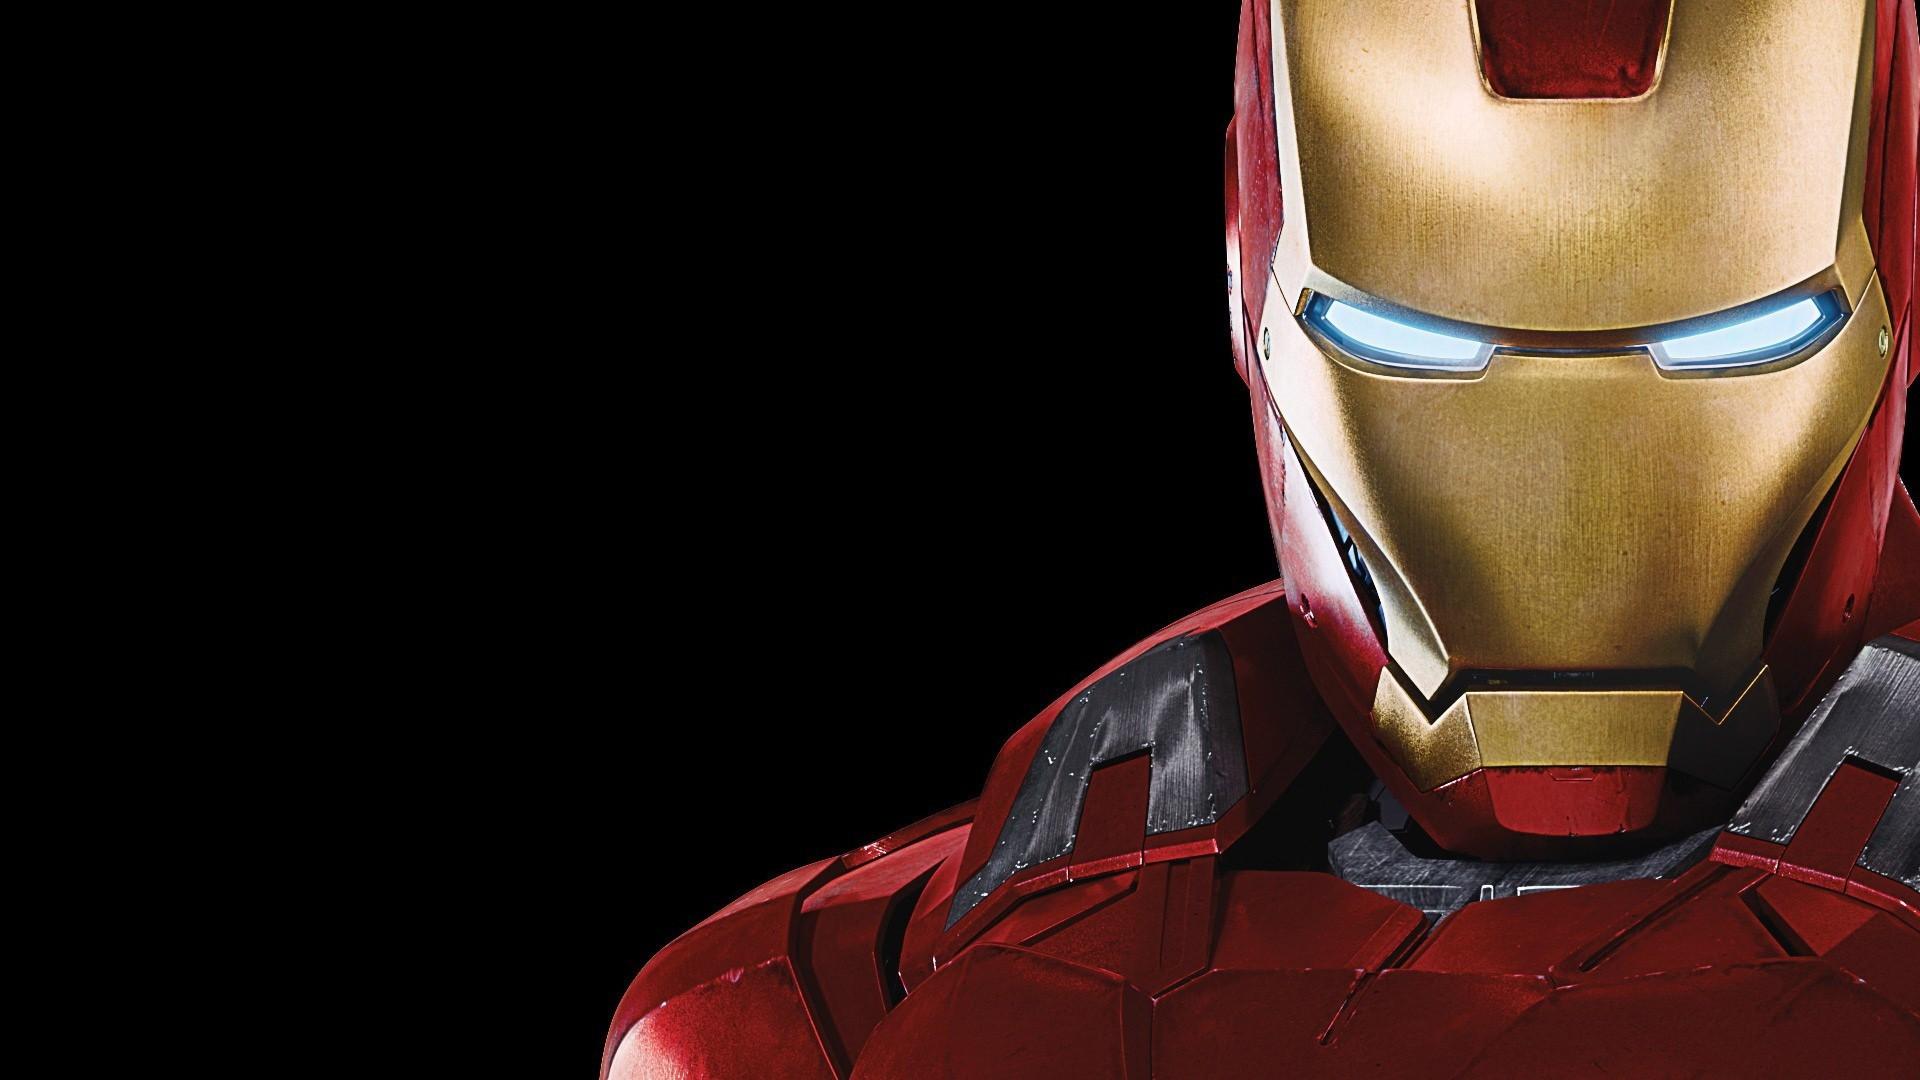 Nuevo traje de Iron Man - 1920x1080